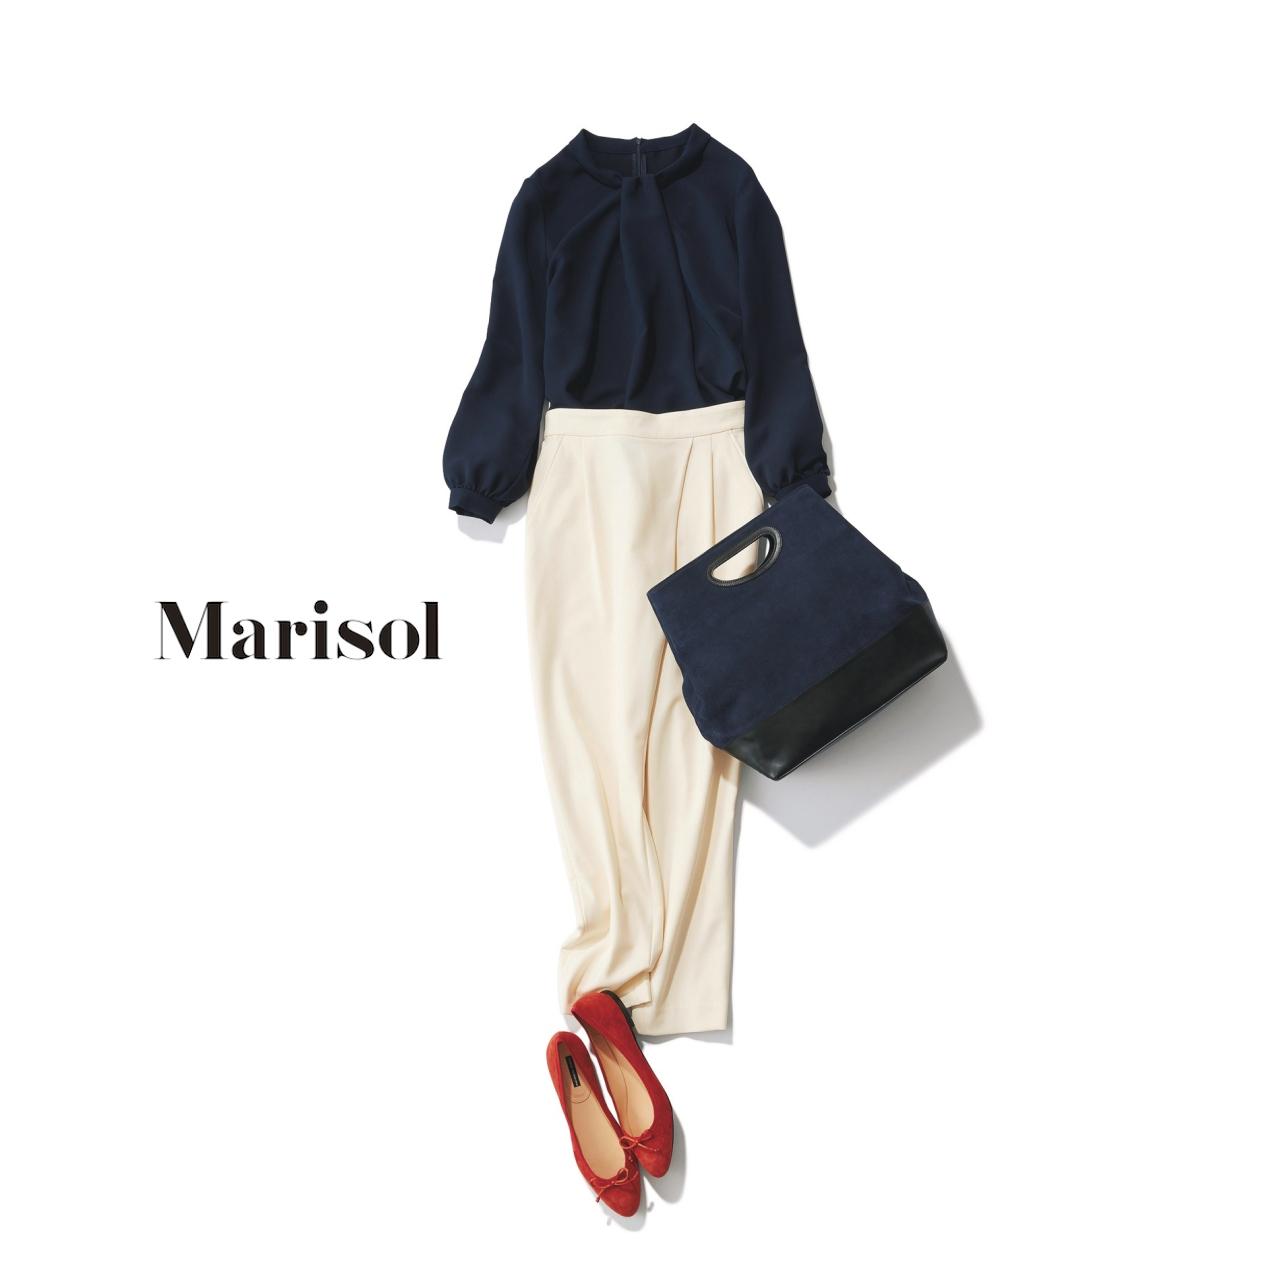 ファッション ネイビーブルー、ホワイト、レッドの3色でフレンチを意識したオフィスコーデ